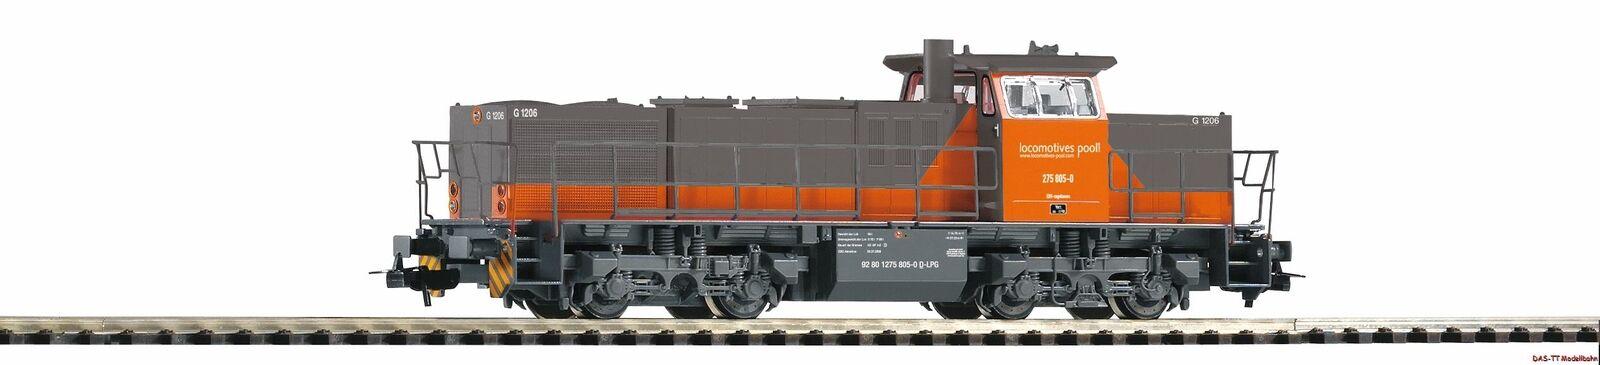 H0 Diesellok G1206 Lokomotiv pool Ep.VI Piko 59920 Neu Herregud